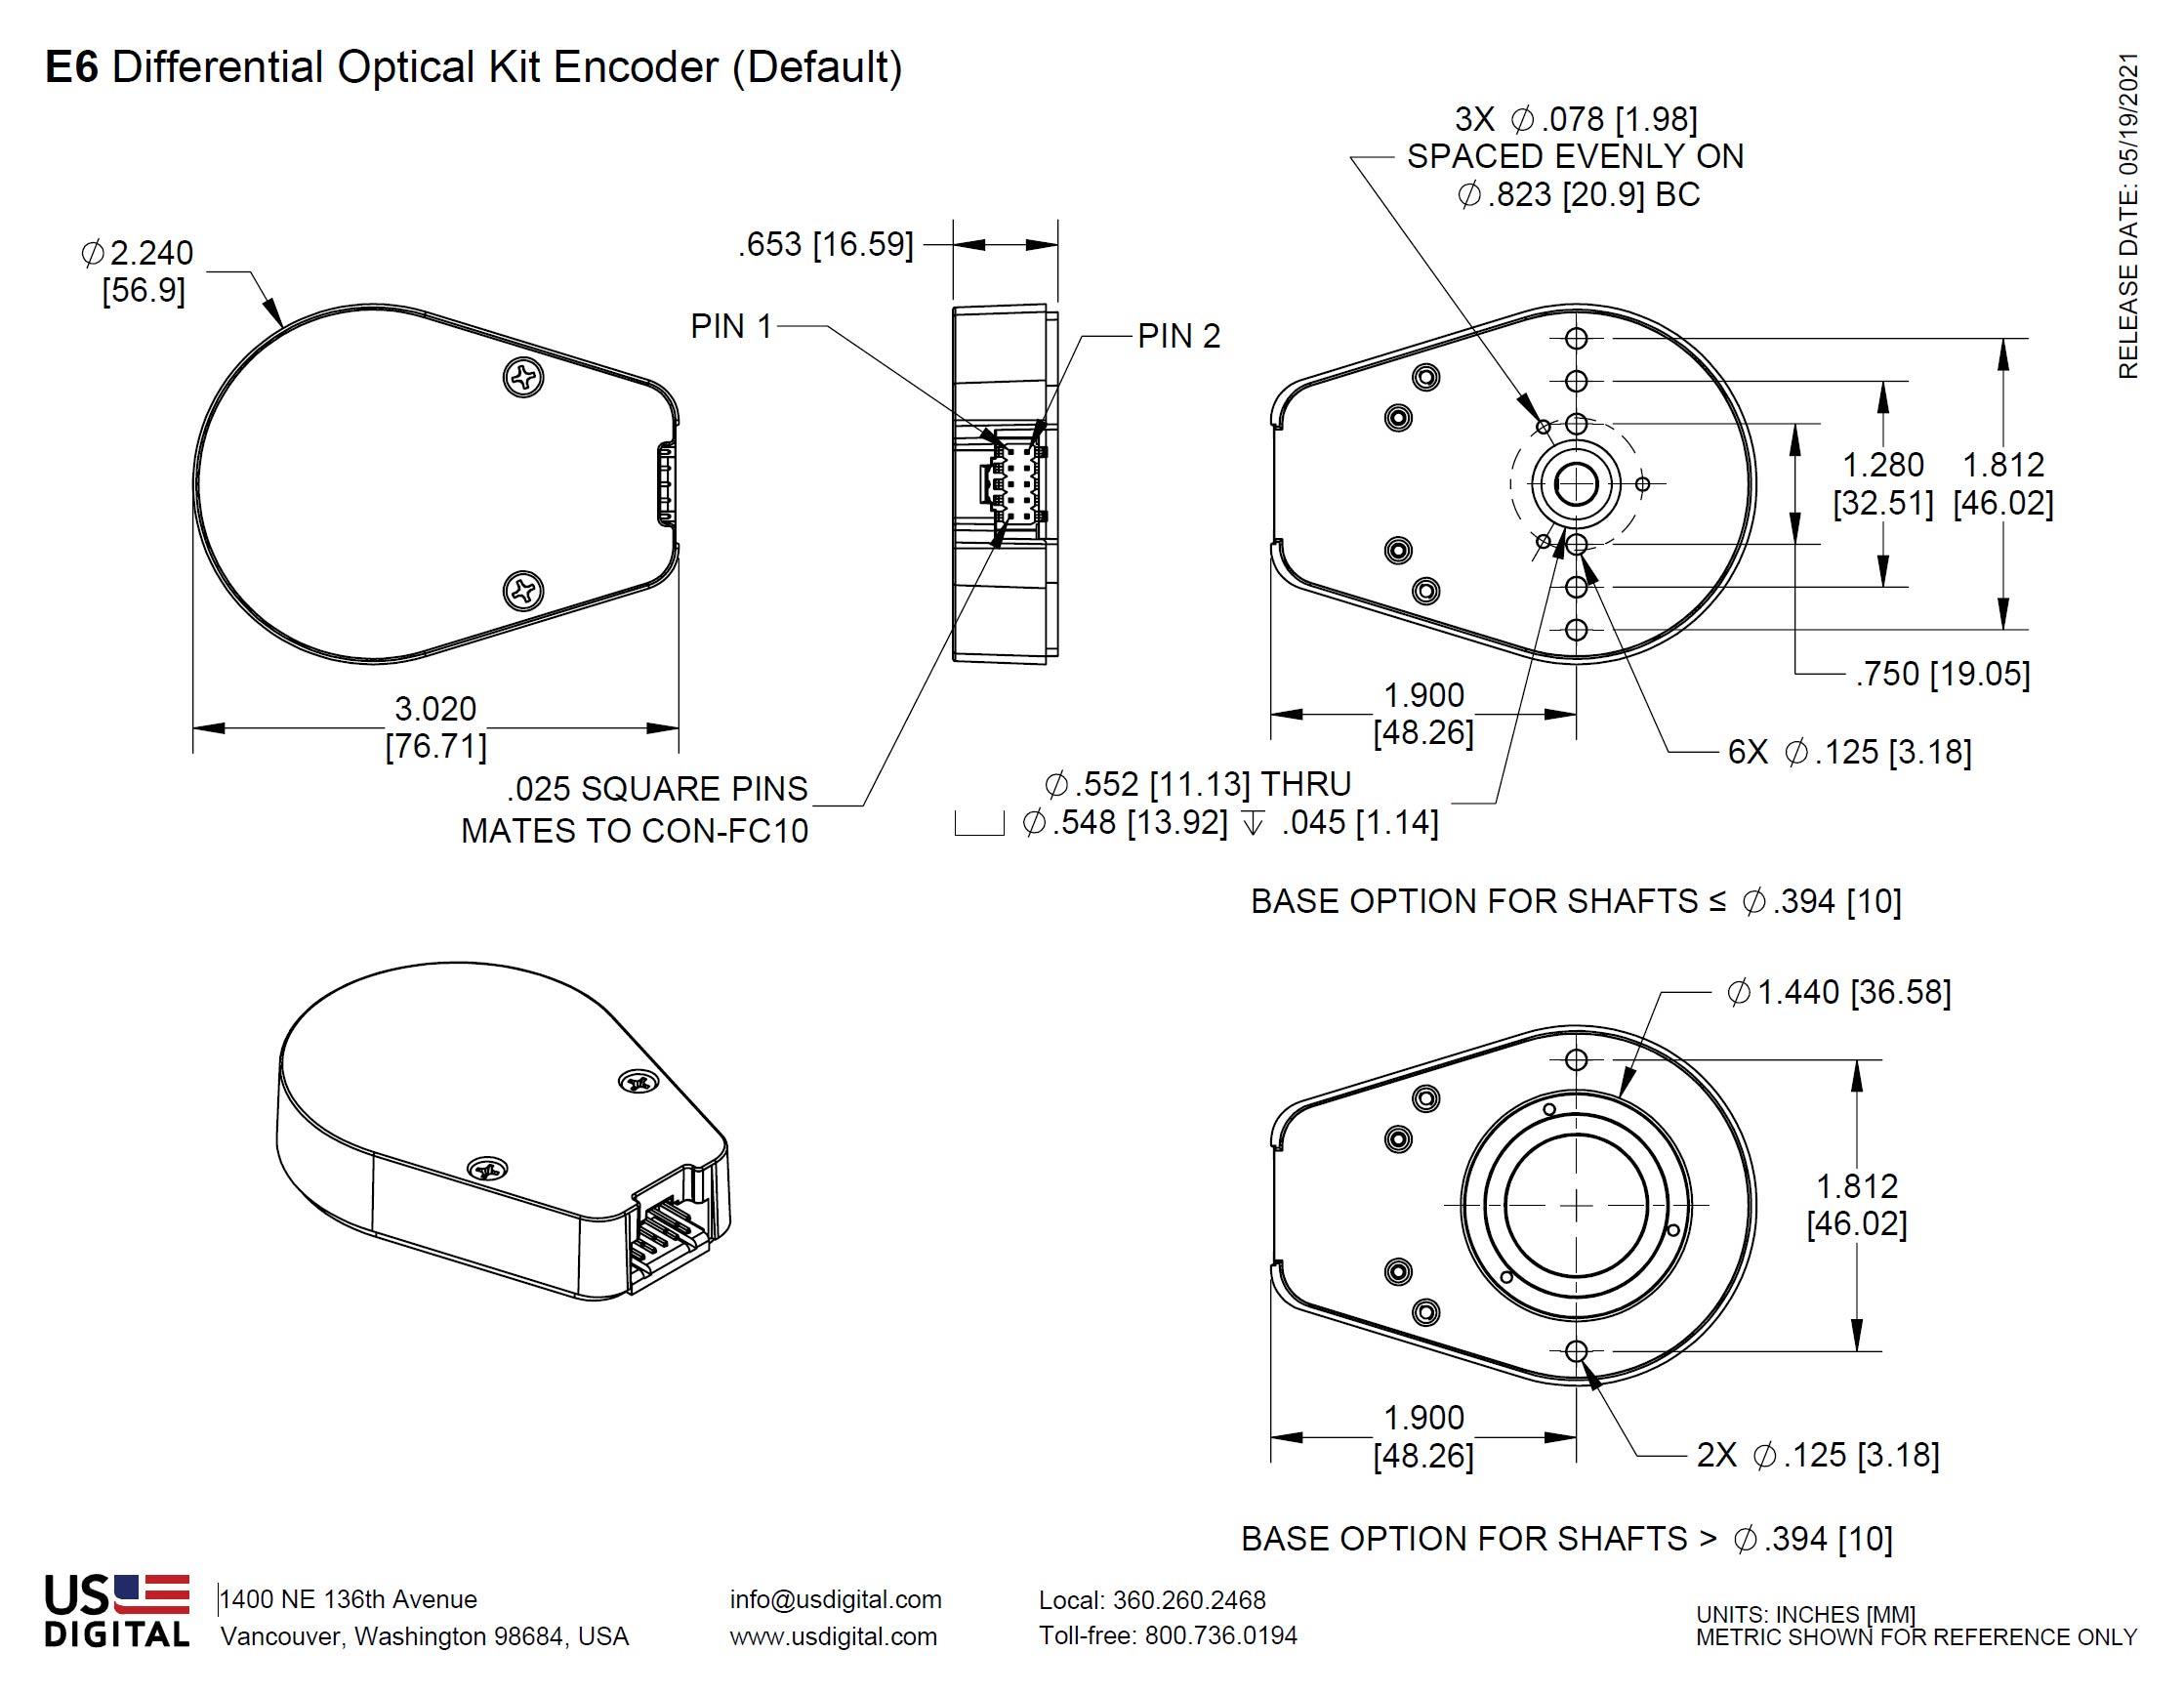 encoder 7 pole wiring diagram us digital   products e6 optical kit encoder  products e6 optical kit encoder